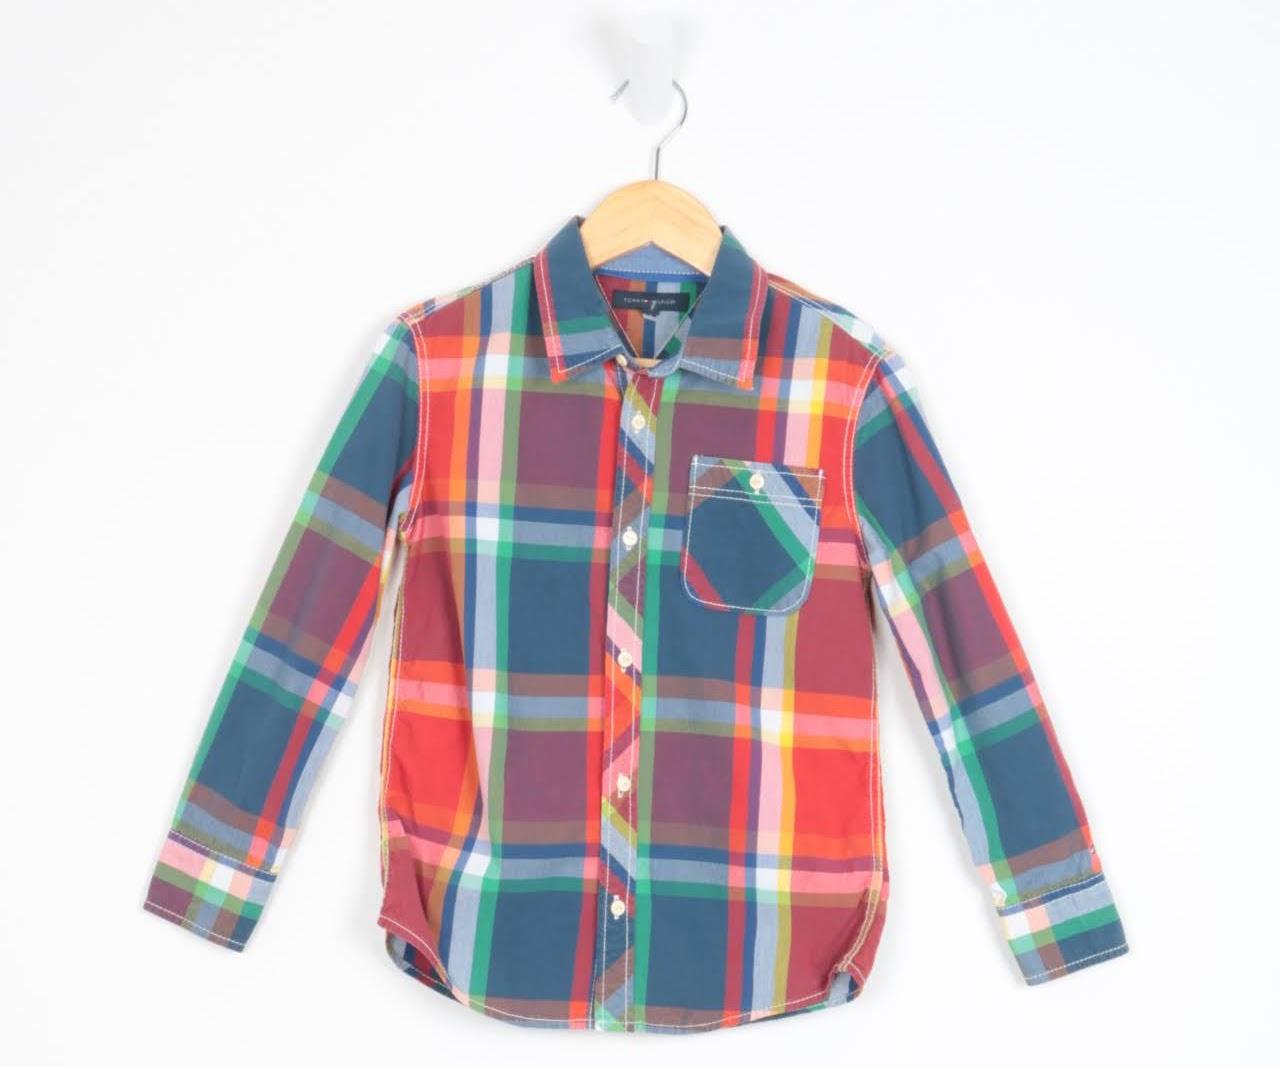 Camisa Manga Longa - Tommy Hilfiger - 07 Anos